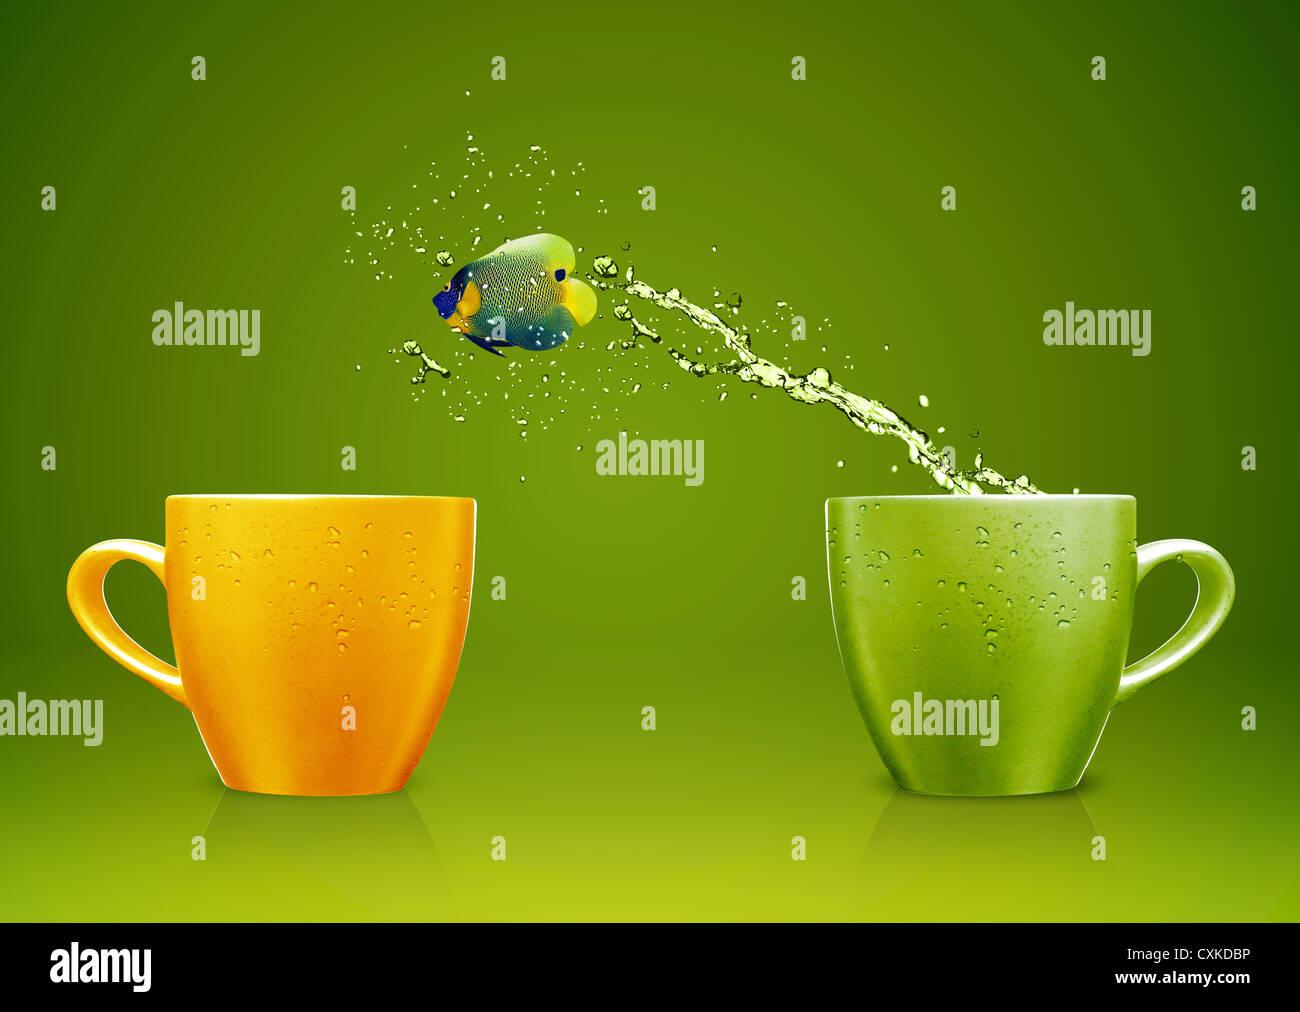 Kaiserfisch springen aus der Tasse mit Wasser spritzt und akrobatischen Bewegungen. Stockbild